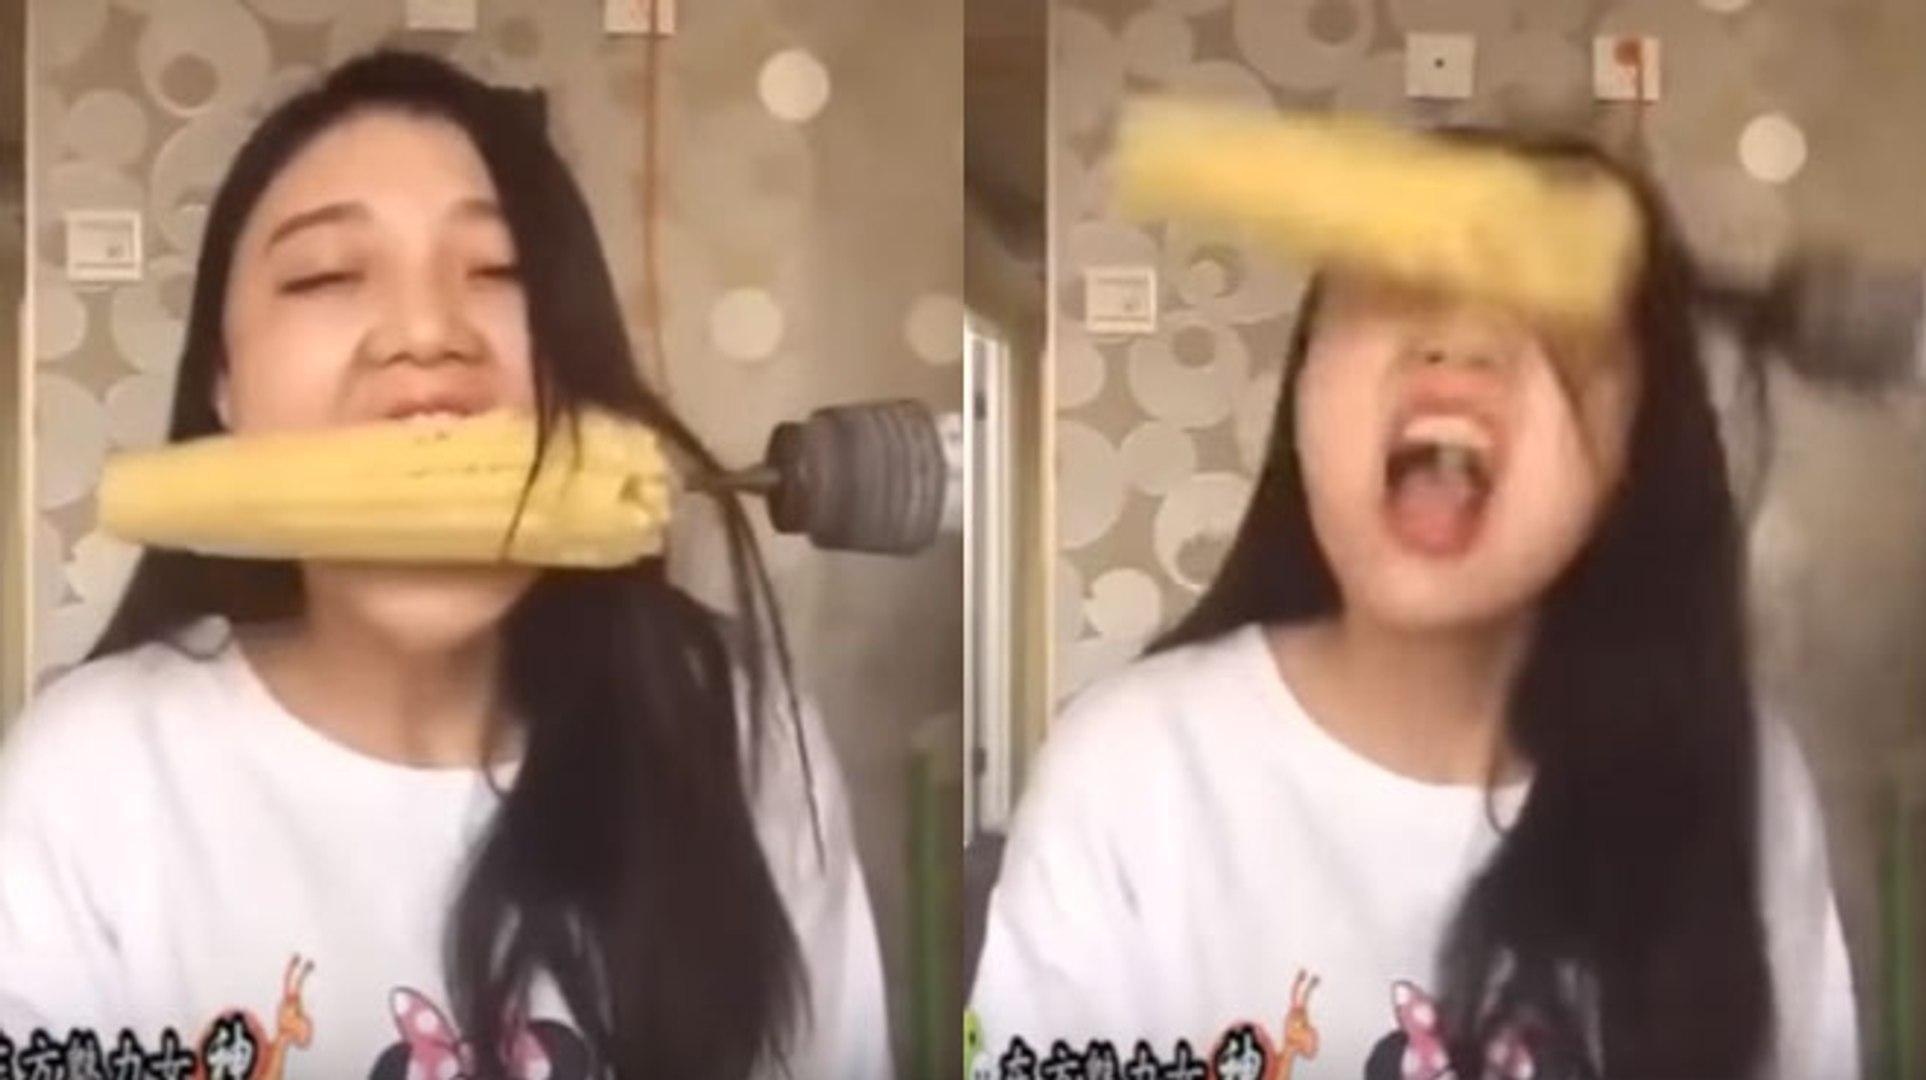 En mangeant du maïs, vous risquez de devenir chauve